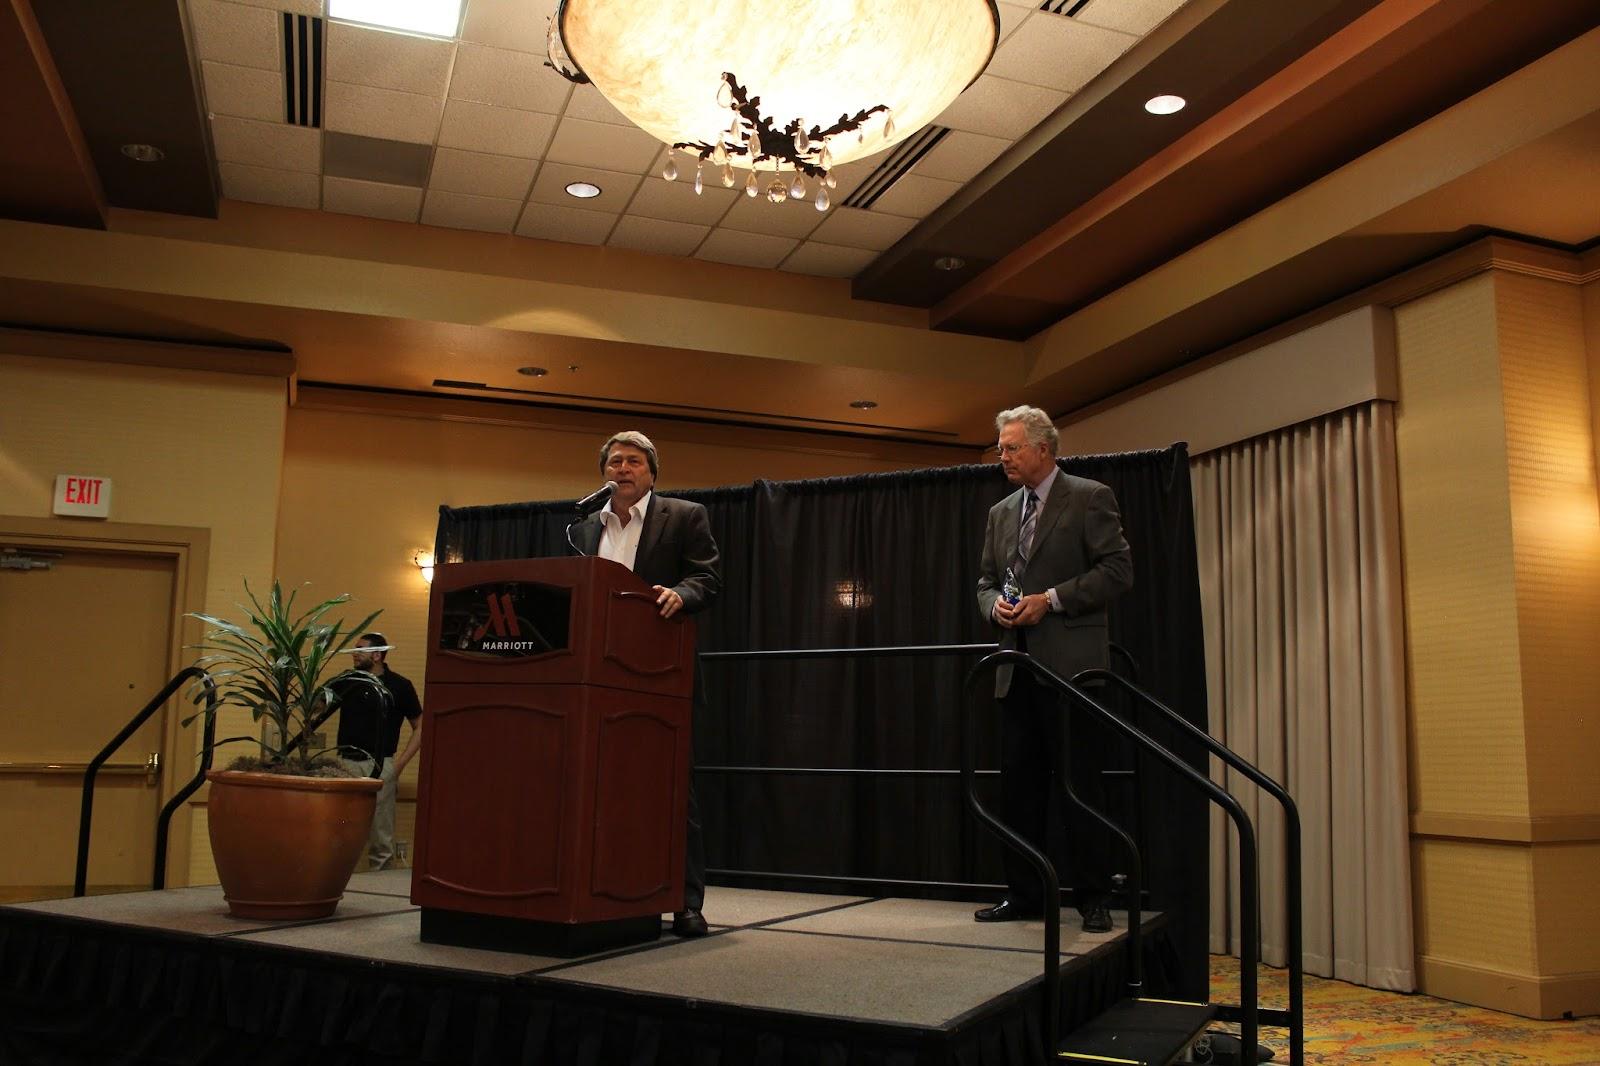 Congratulations to Bill Assenmacher on receiving the Sonoran Spirit award!